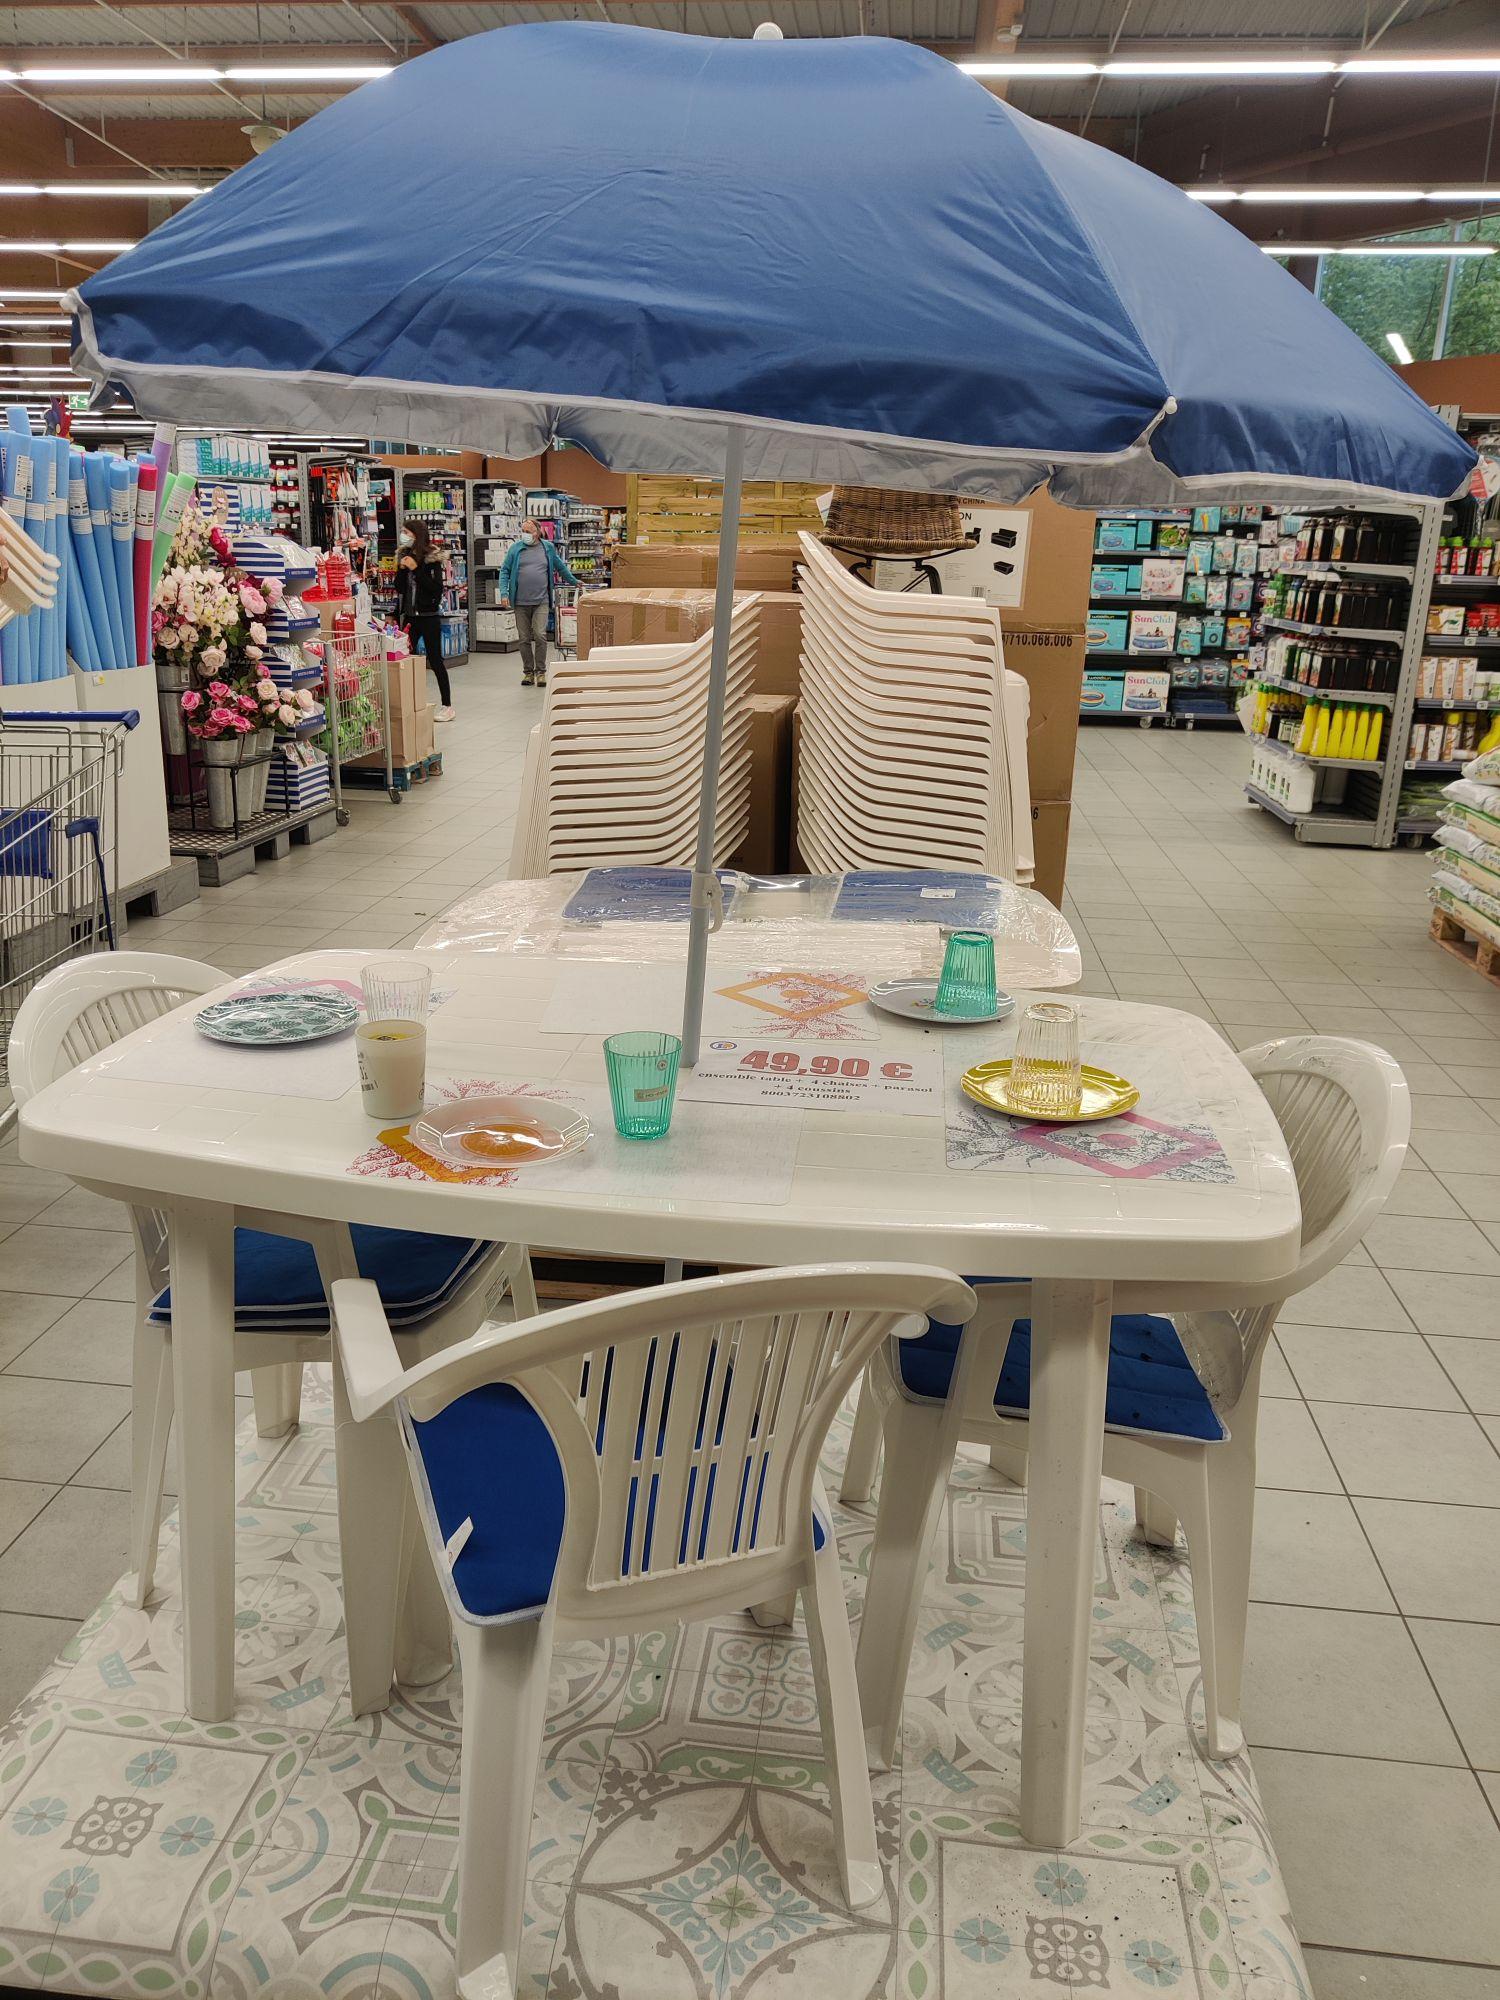 Ensemble table et chaises extérieure - Chaponnay (69)